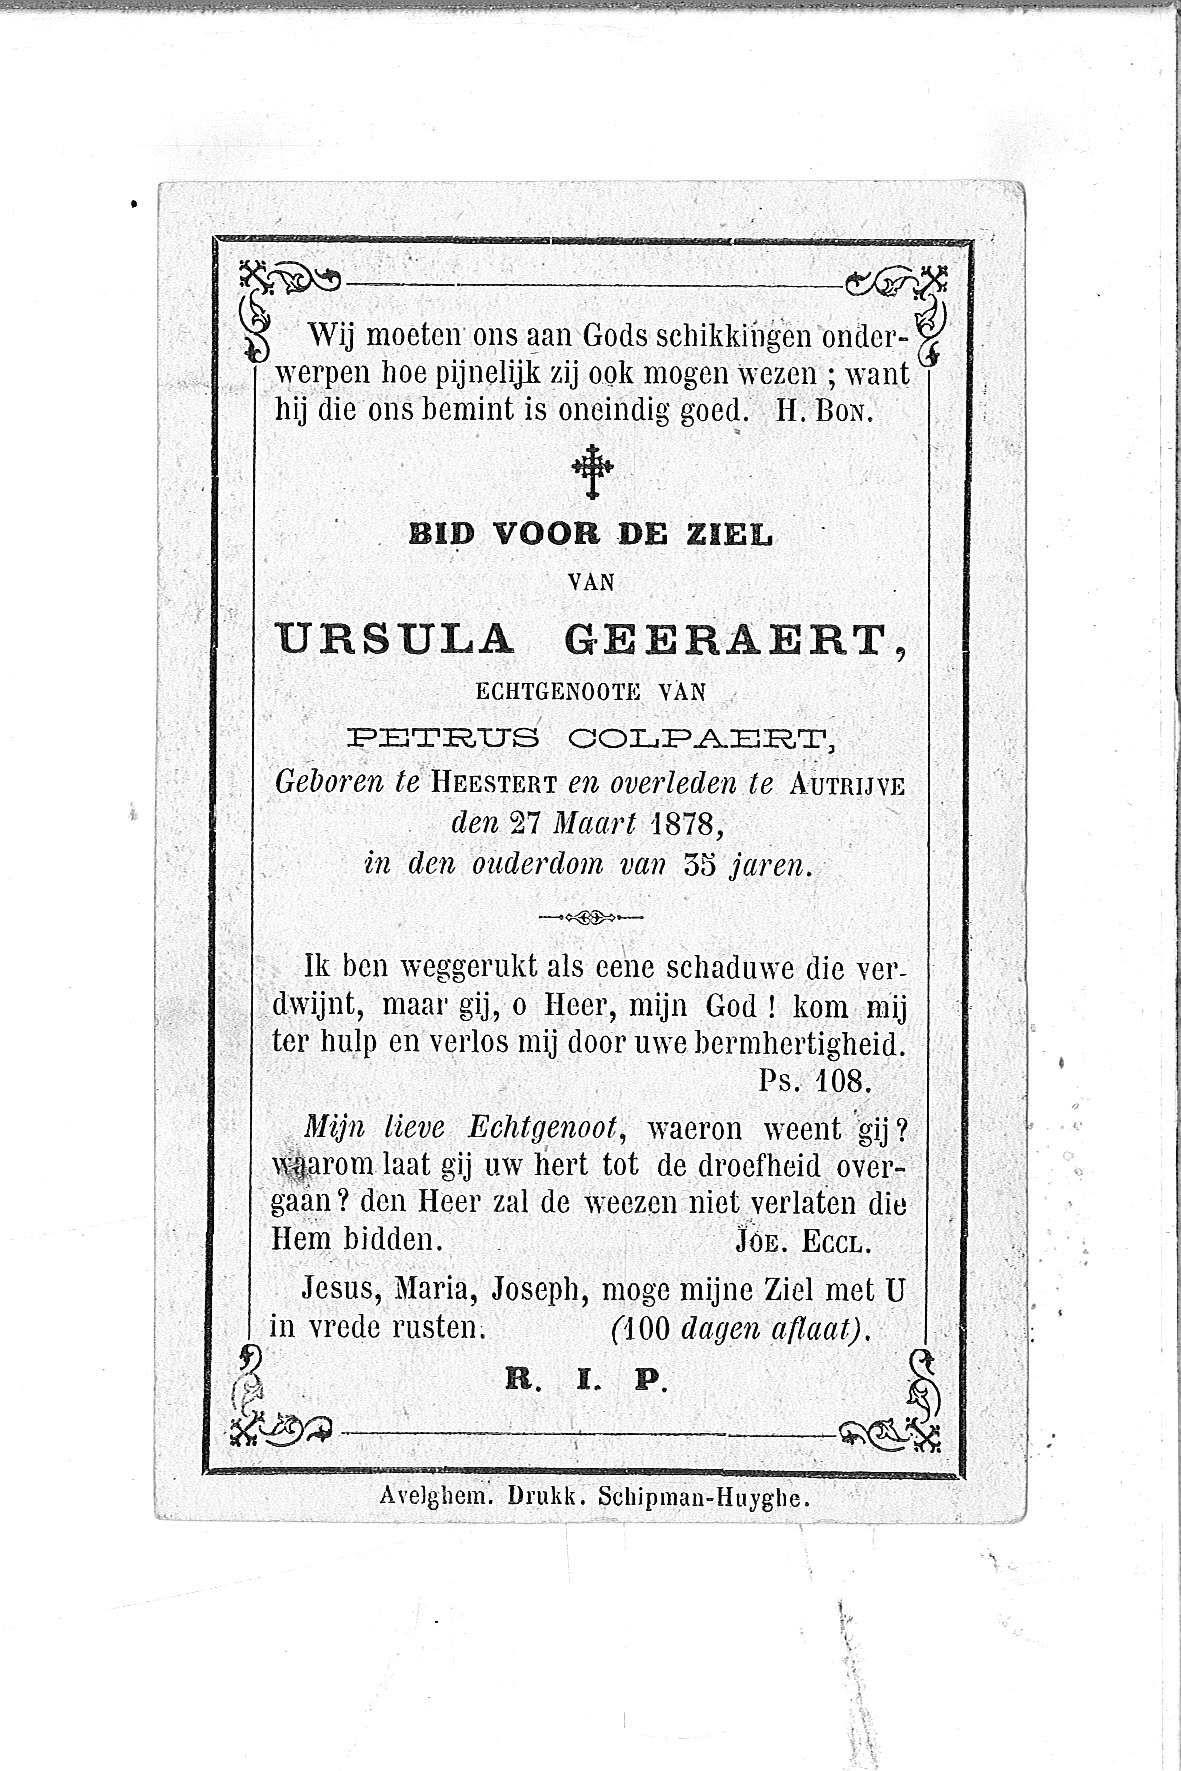 Ursula(1878)20130820085803_00033.jpg